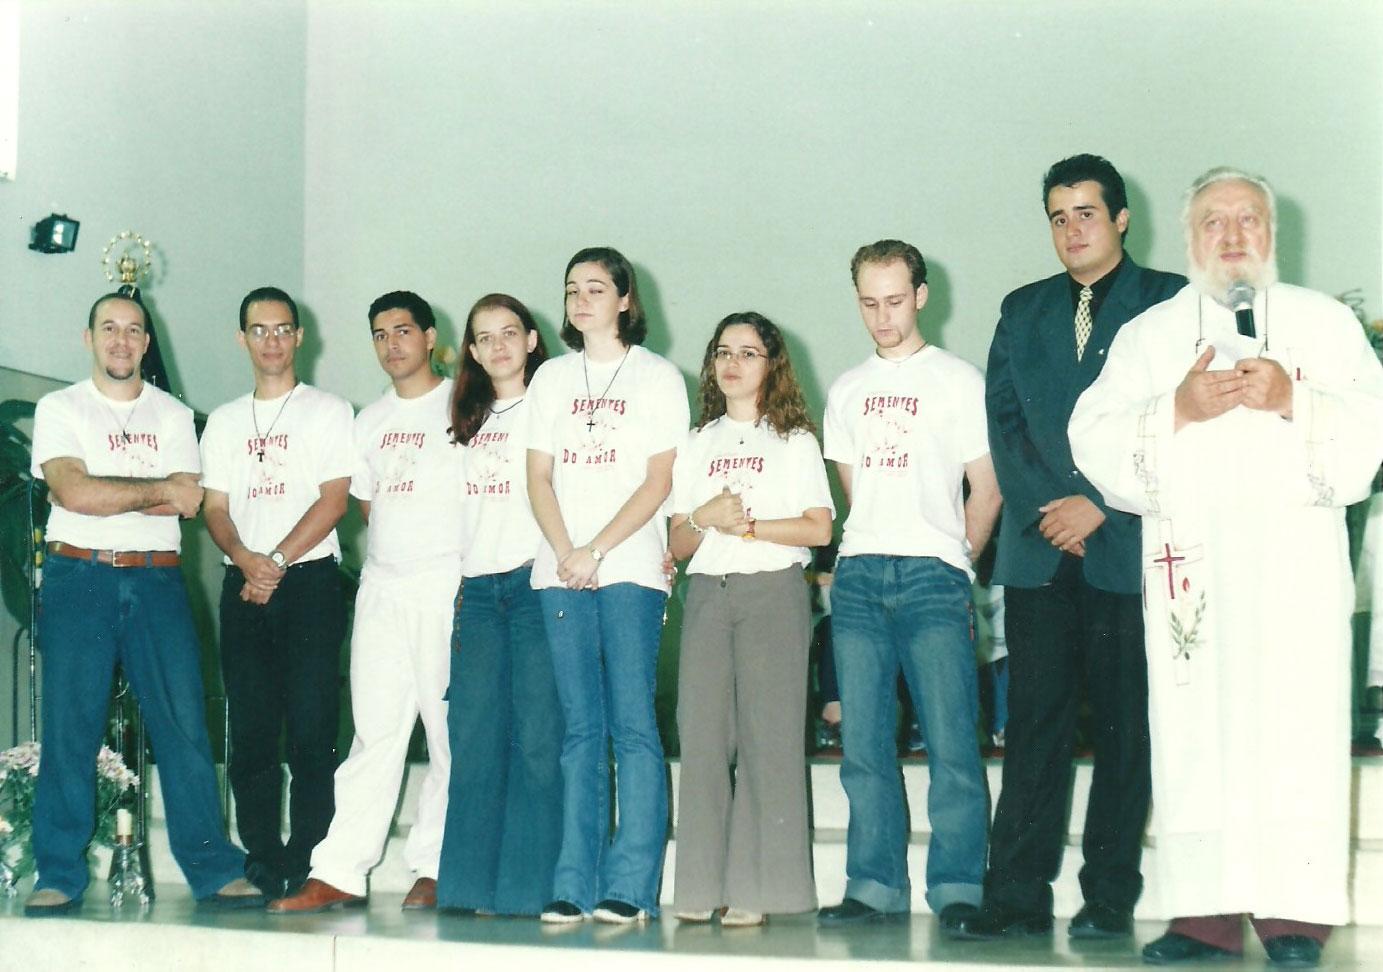 2003_(maio)_-_Crisma_-_Pe._Jorge_e_Pe._Nelson_(convidado)_-_grupo_de_música